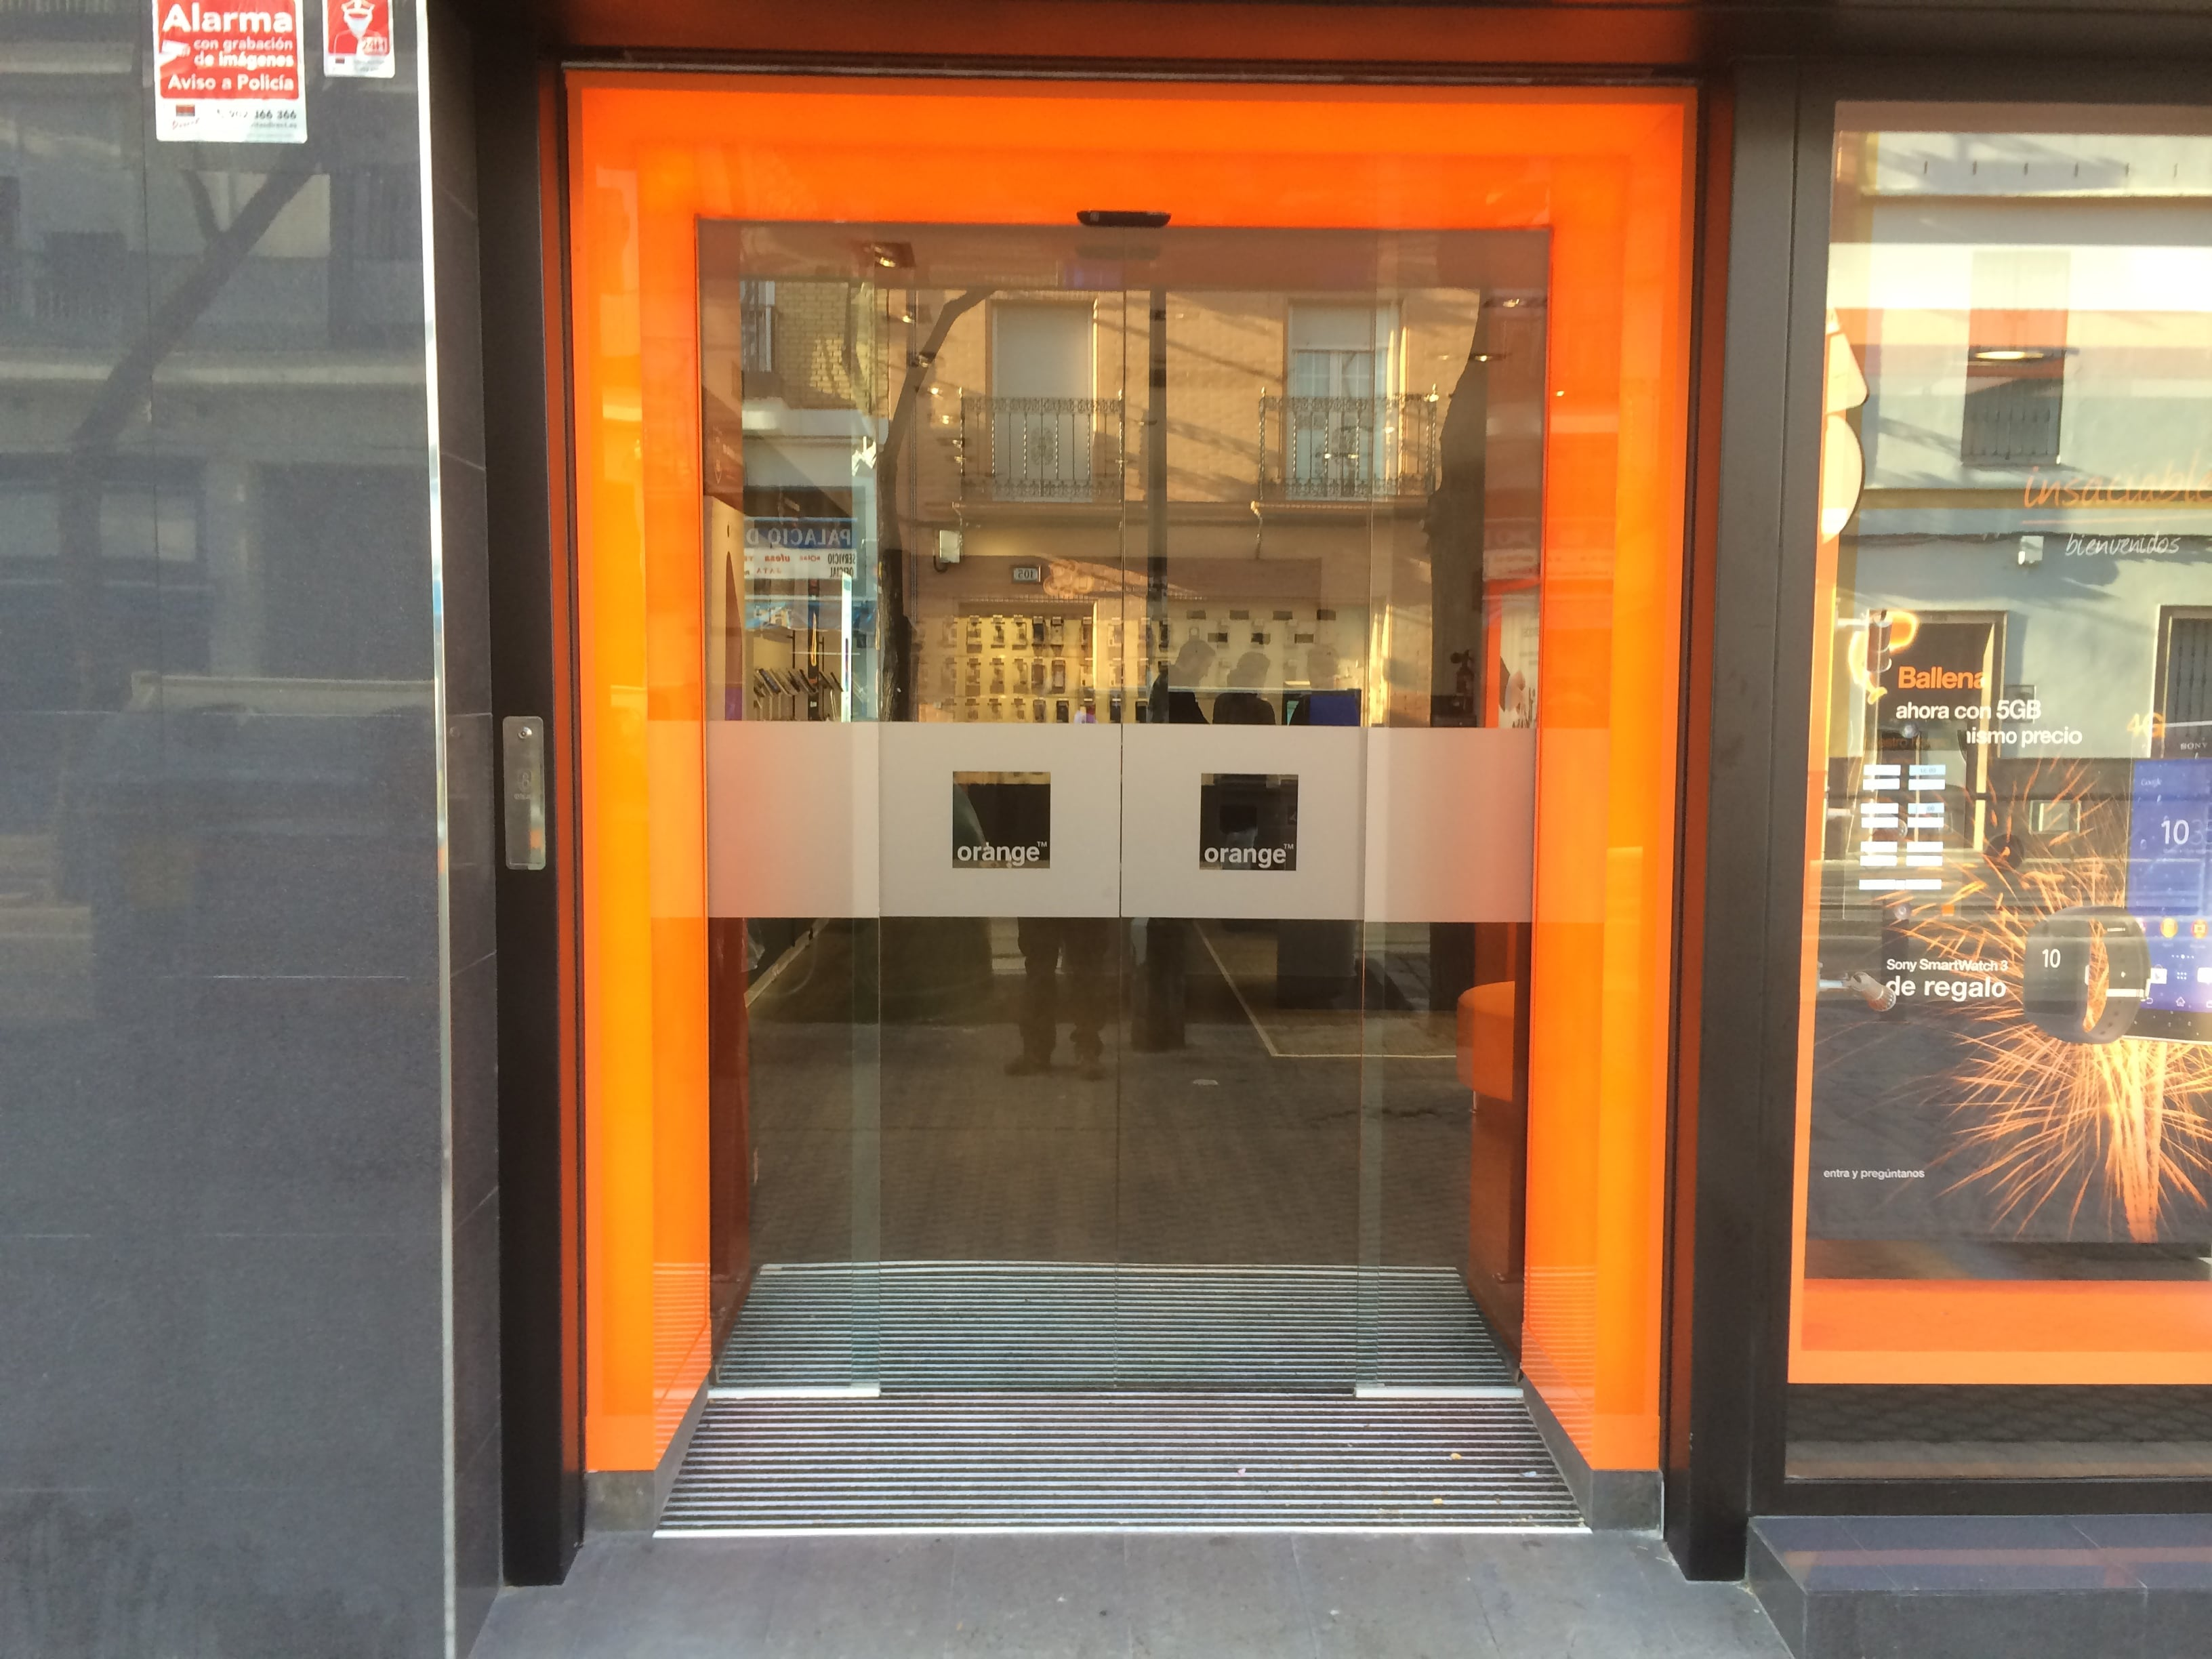 Puertas de cristal automaticas precios elegant affordable puerta automatica cristal ditec - Motores puertas automaticas precios ...